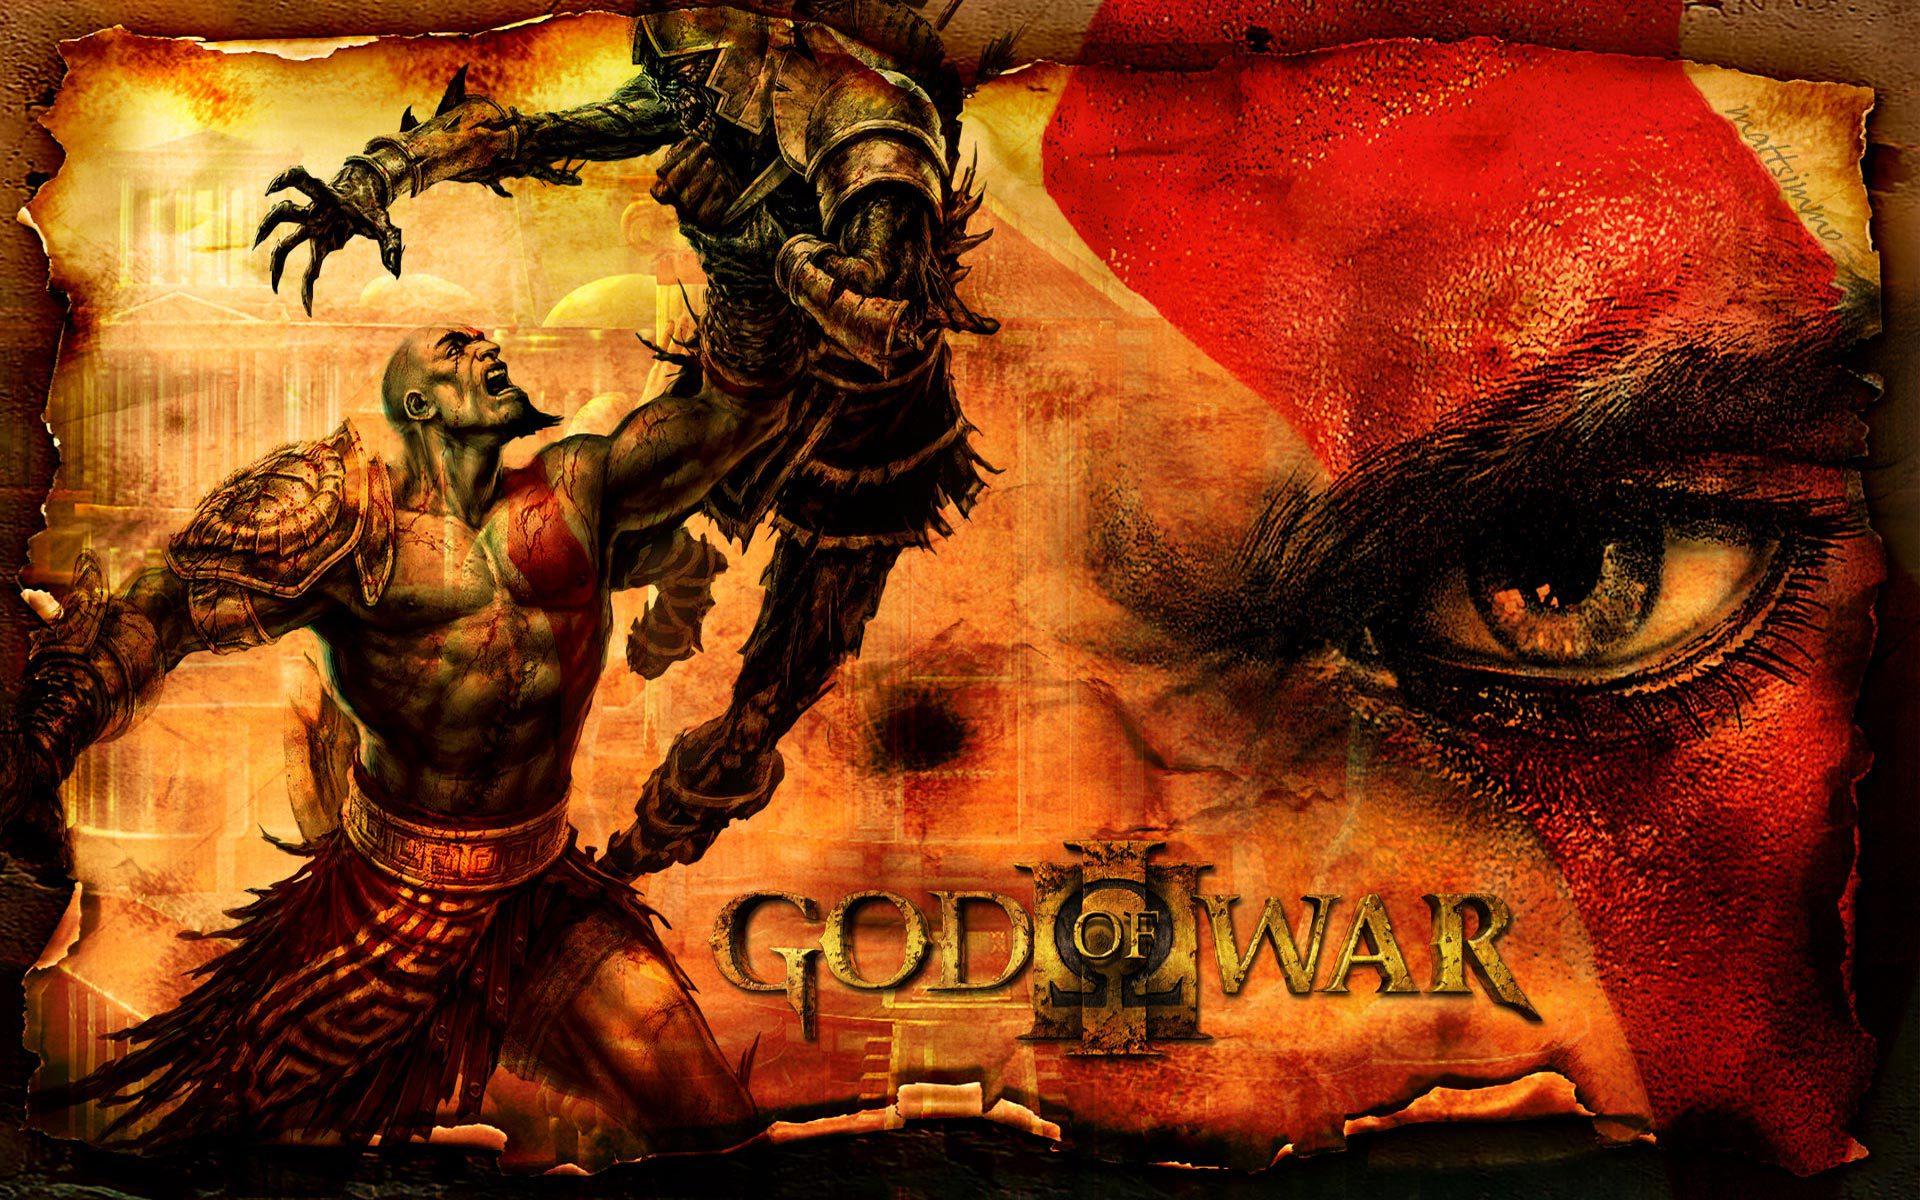 God Of War Wallpaper Hd Wallpapersafari